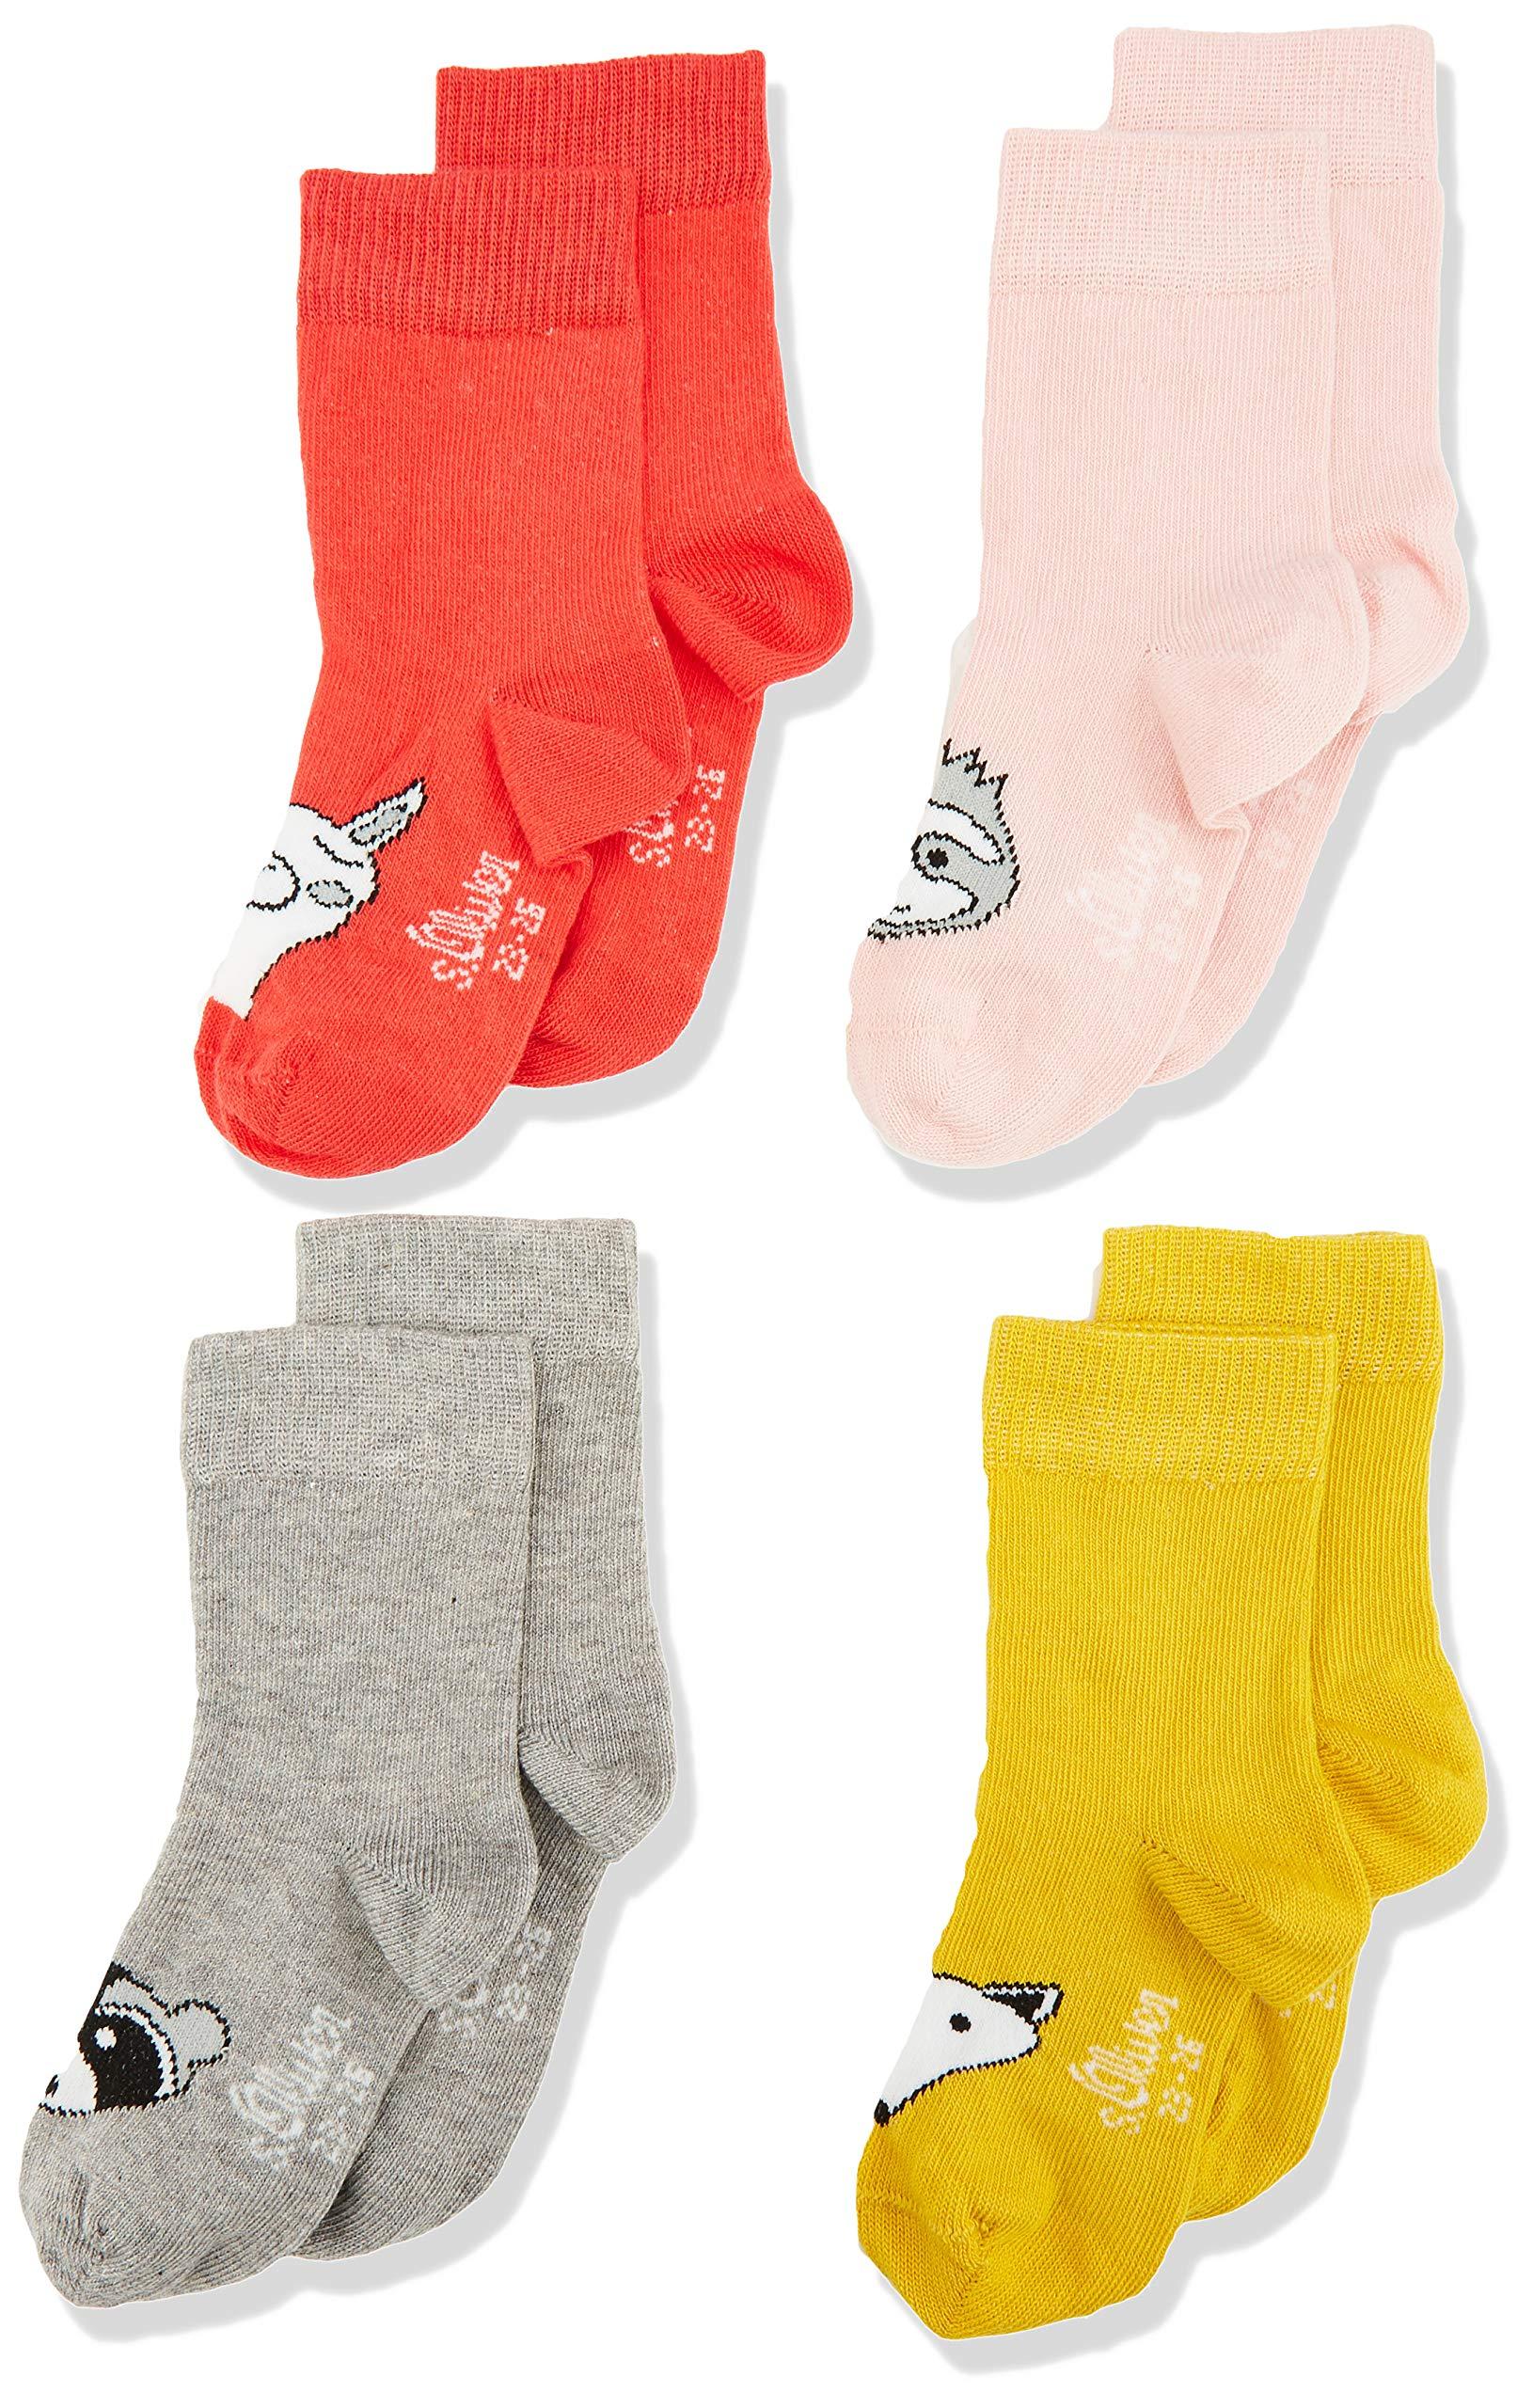 s.Oliver Socks Calcetines (Pack de 4) para Bebés 1